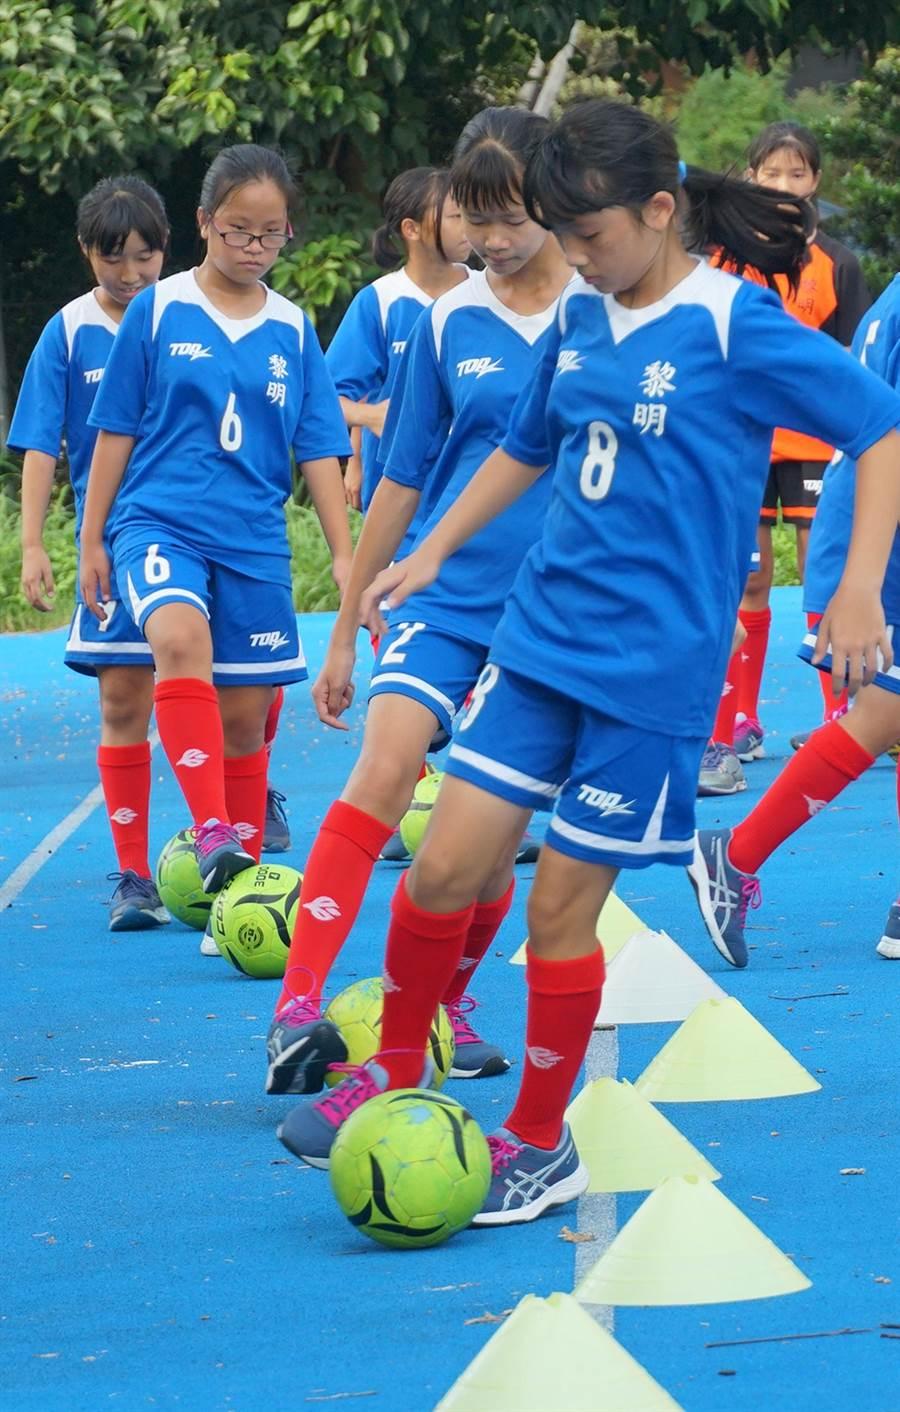 台中市黎明國小女足隊,今年第四屆曾獲得2017年全國少年盃、2018全國學童盃冠軍及2019瑞典南泰利耶國際分齡賽(Södertälje International Football Cup) 女生12歲組冠軍。(黃國峰攝)